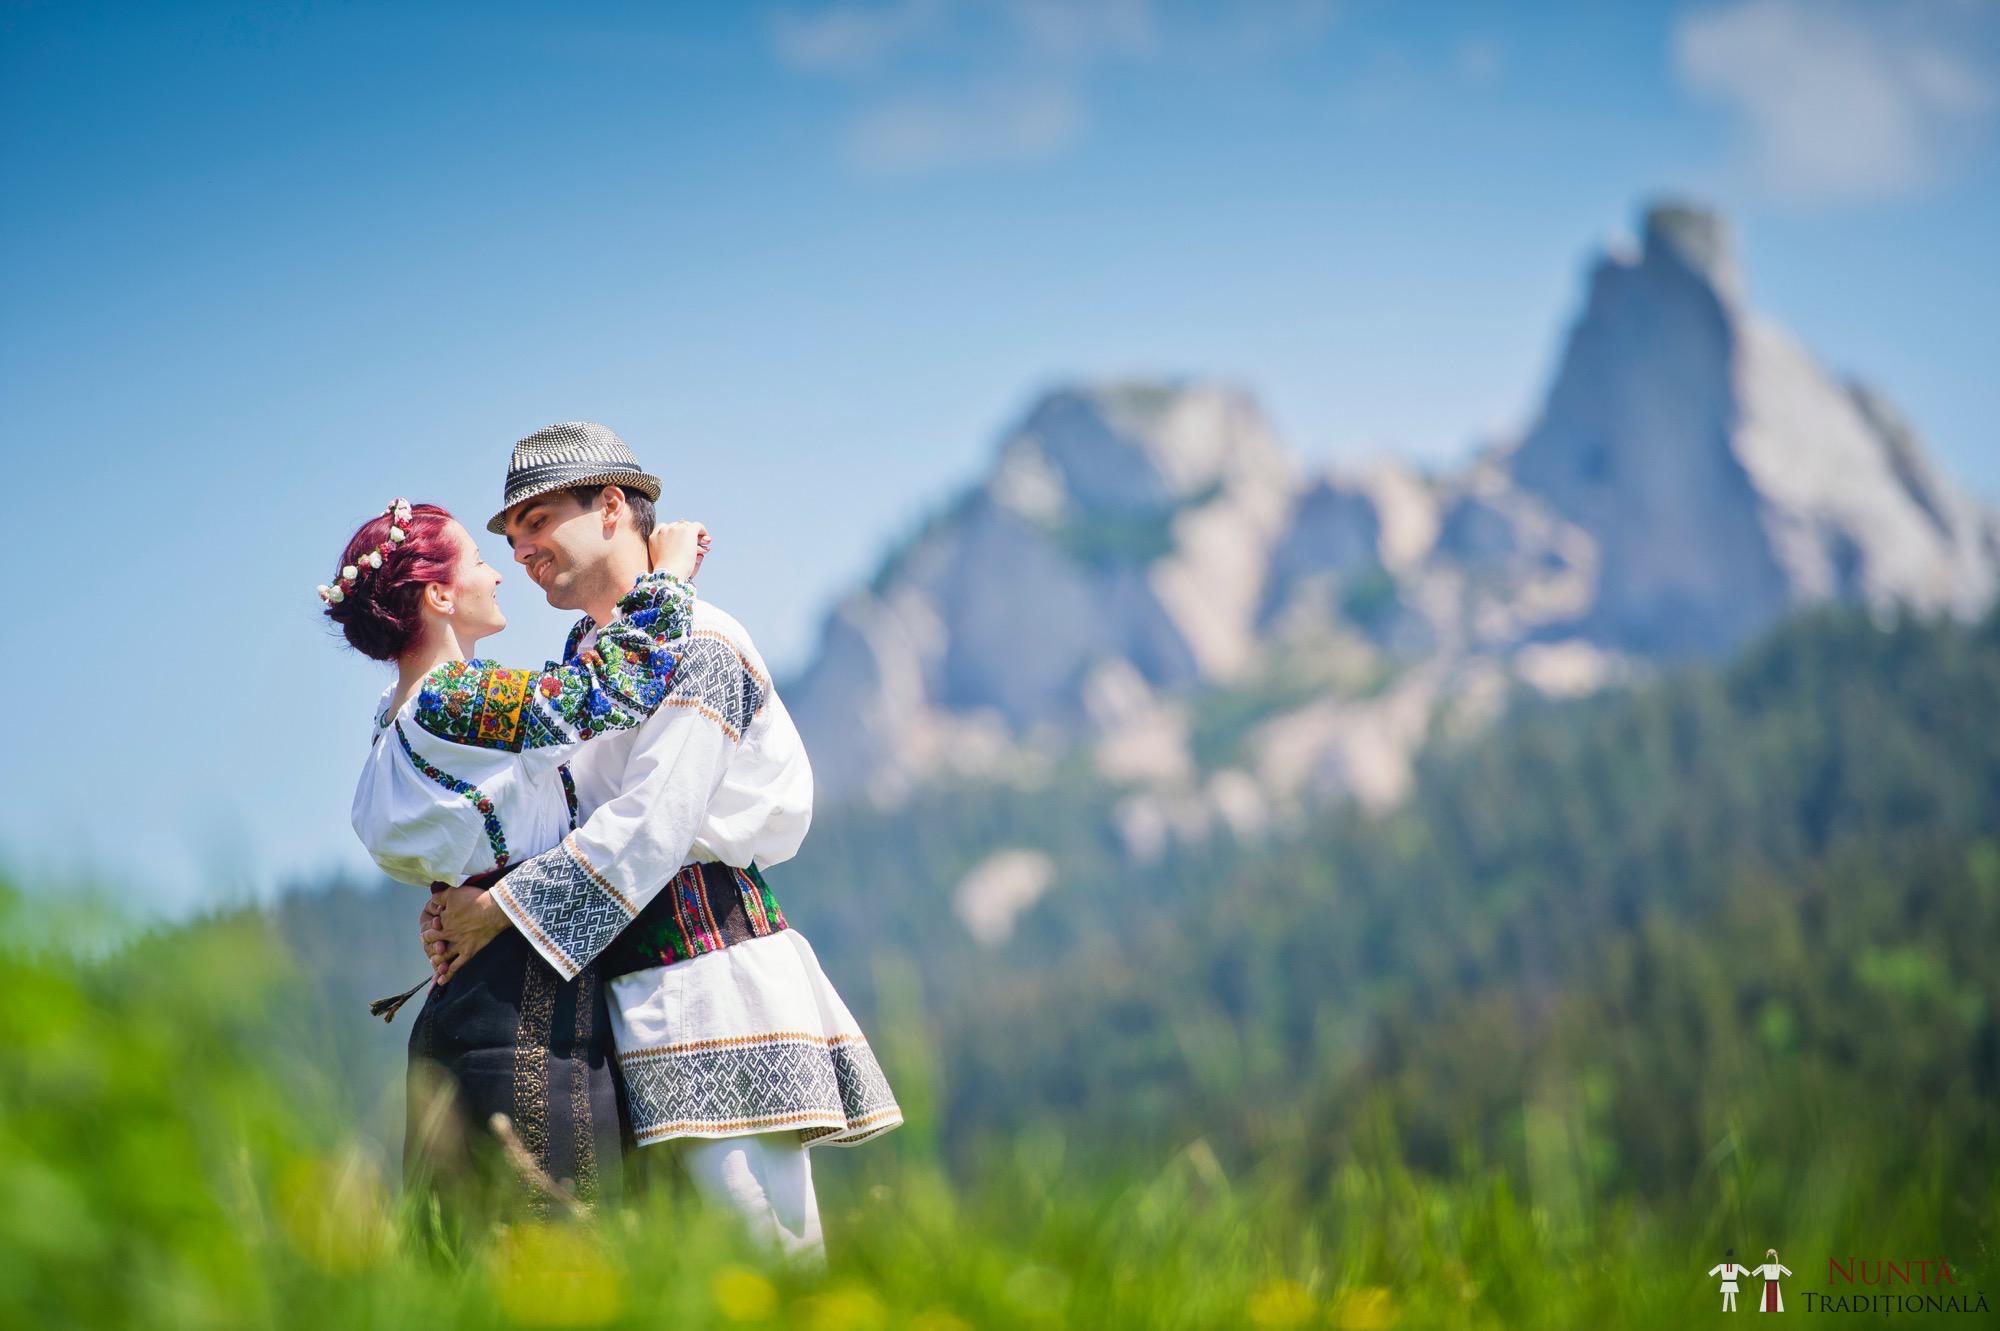 Povești Nunți Tradiționale - Gabriela și Mădălin - Nuntă Tradițională în Suceava, Bucovina 27